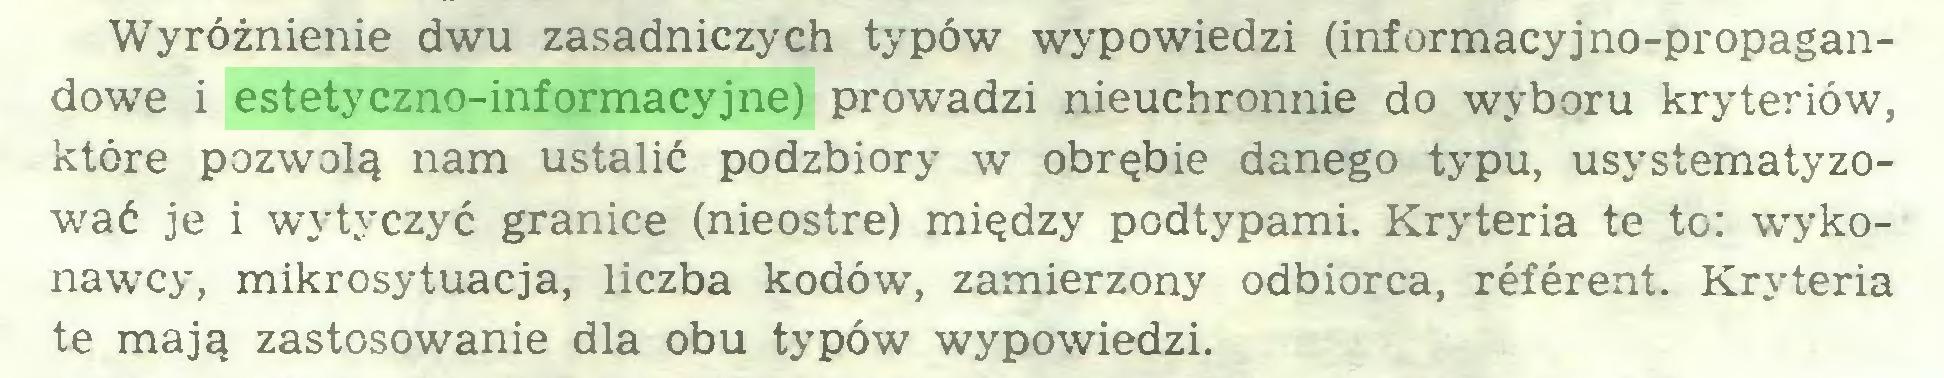 (...) Wyróżnienie dwu zasadniczych typów wypowiedzi (informacyjno-propagandowe i estetyczno-informacyjne) prowadzi nieuchronnie do wyboru kryteriów, które pozwolą nam ustalić podzbiory w obrębie danego typu, usystematyzować je i wytyczyć granice (nieostre) między podtypami. Kryteria te to: wykonawcy, mikrosytuacja, liczba kodów, zamierzony odbiorca, référent. Kryteria te mają zastosowanie dla obu typów wypowiedzi...